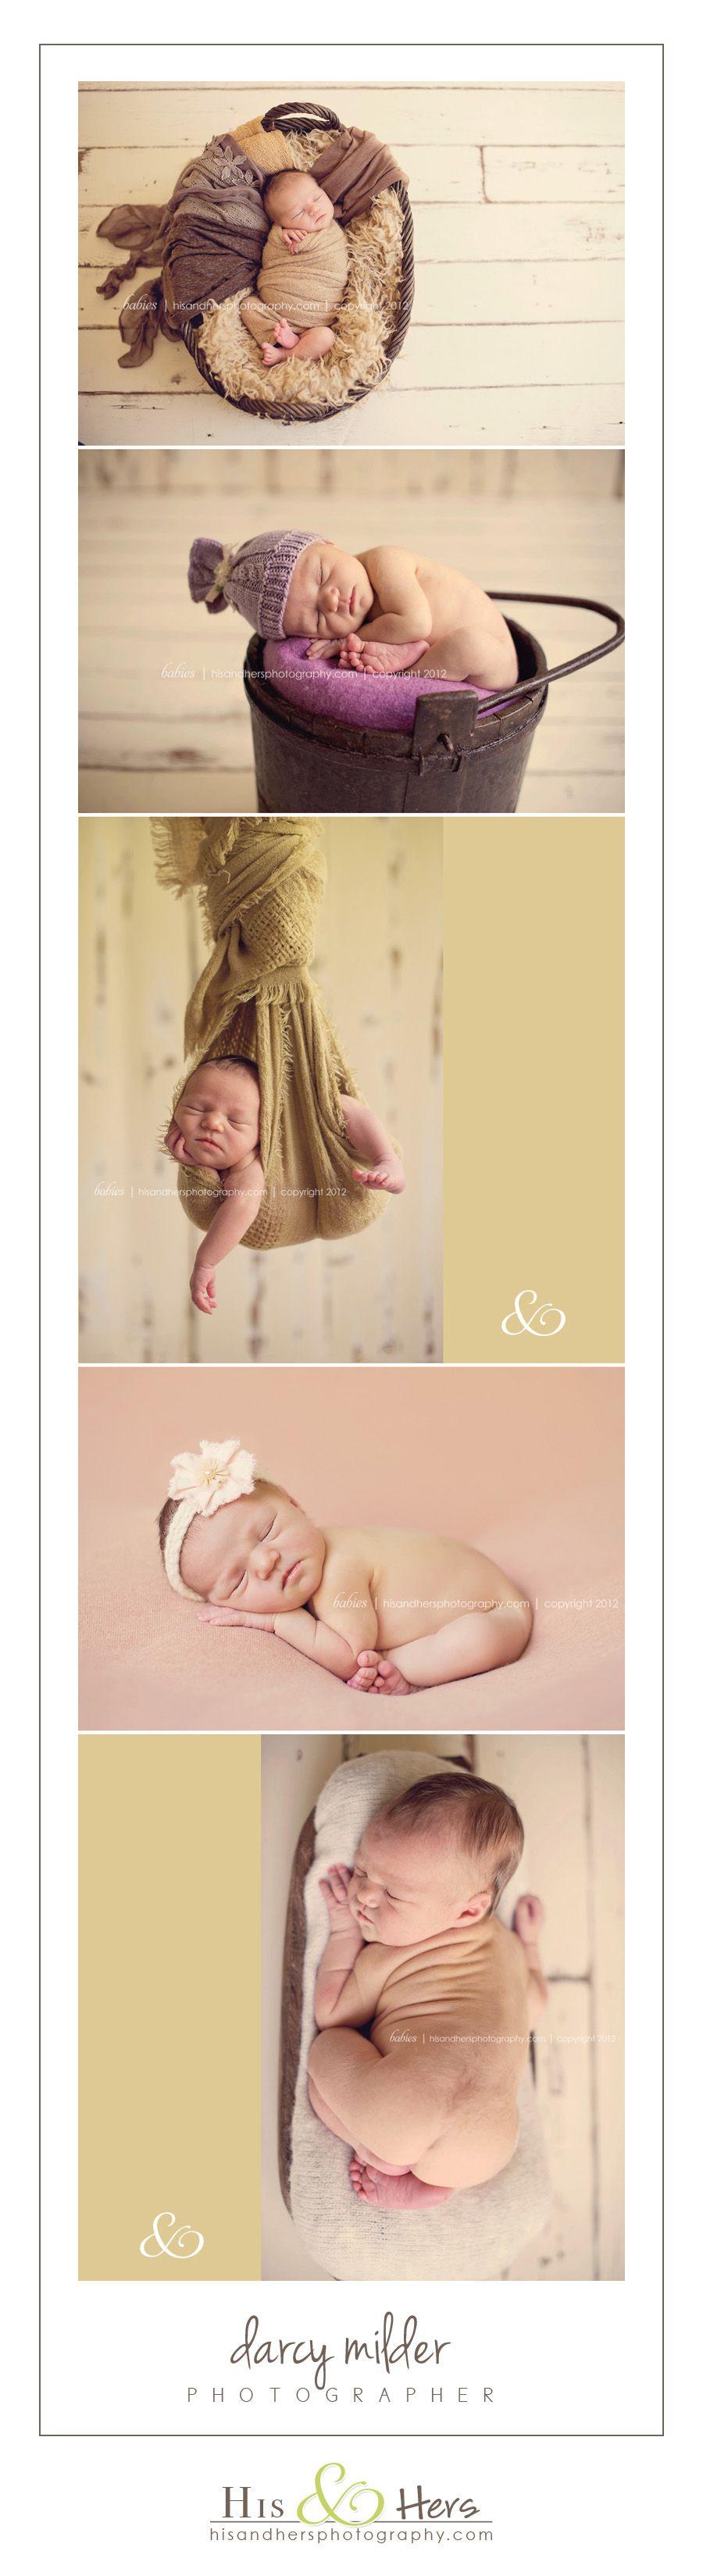 iowa newborn photographer iowa baby photography des moines waterloo iowa NE iowa newborn photographer